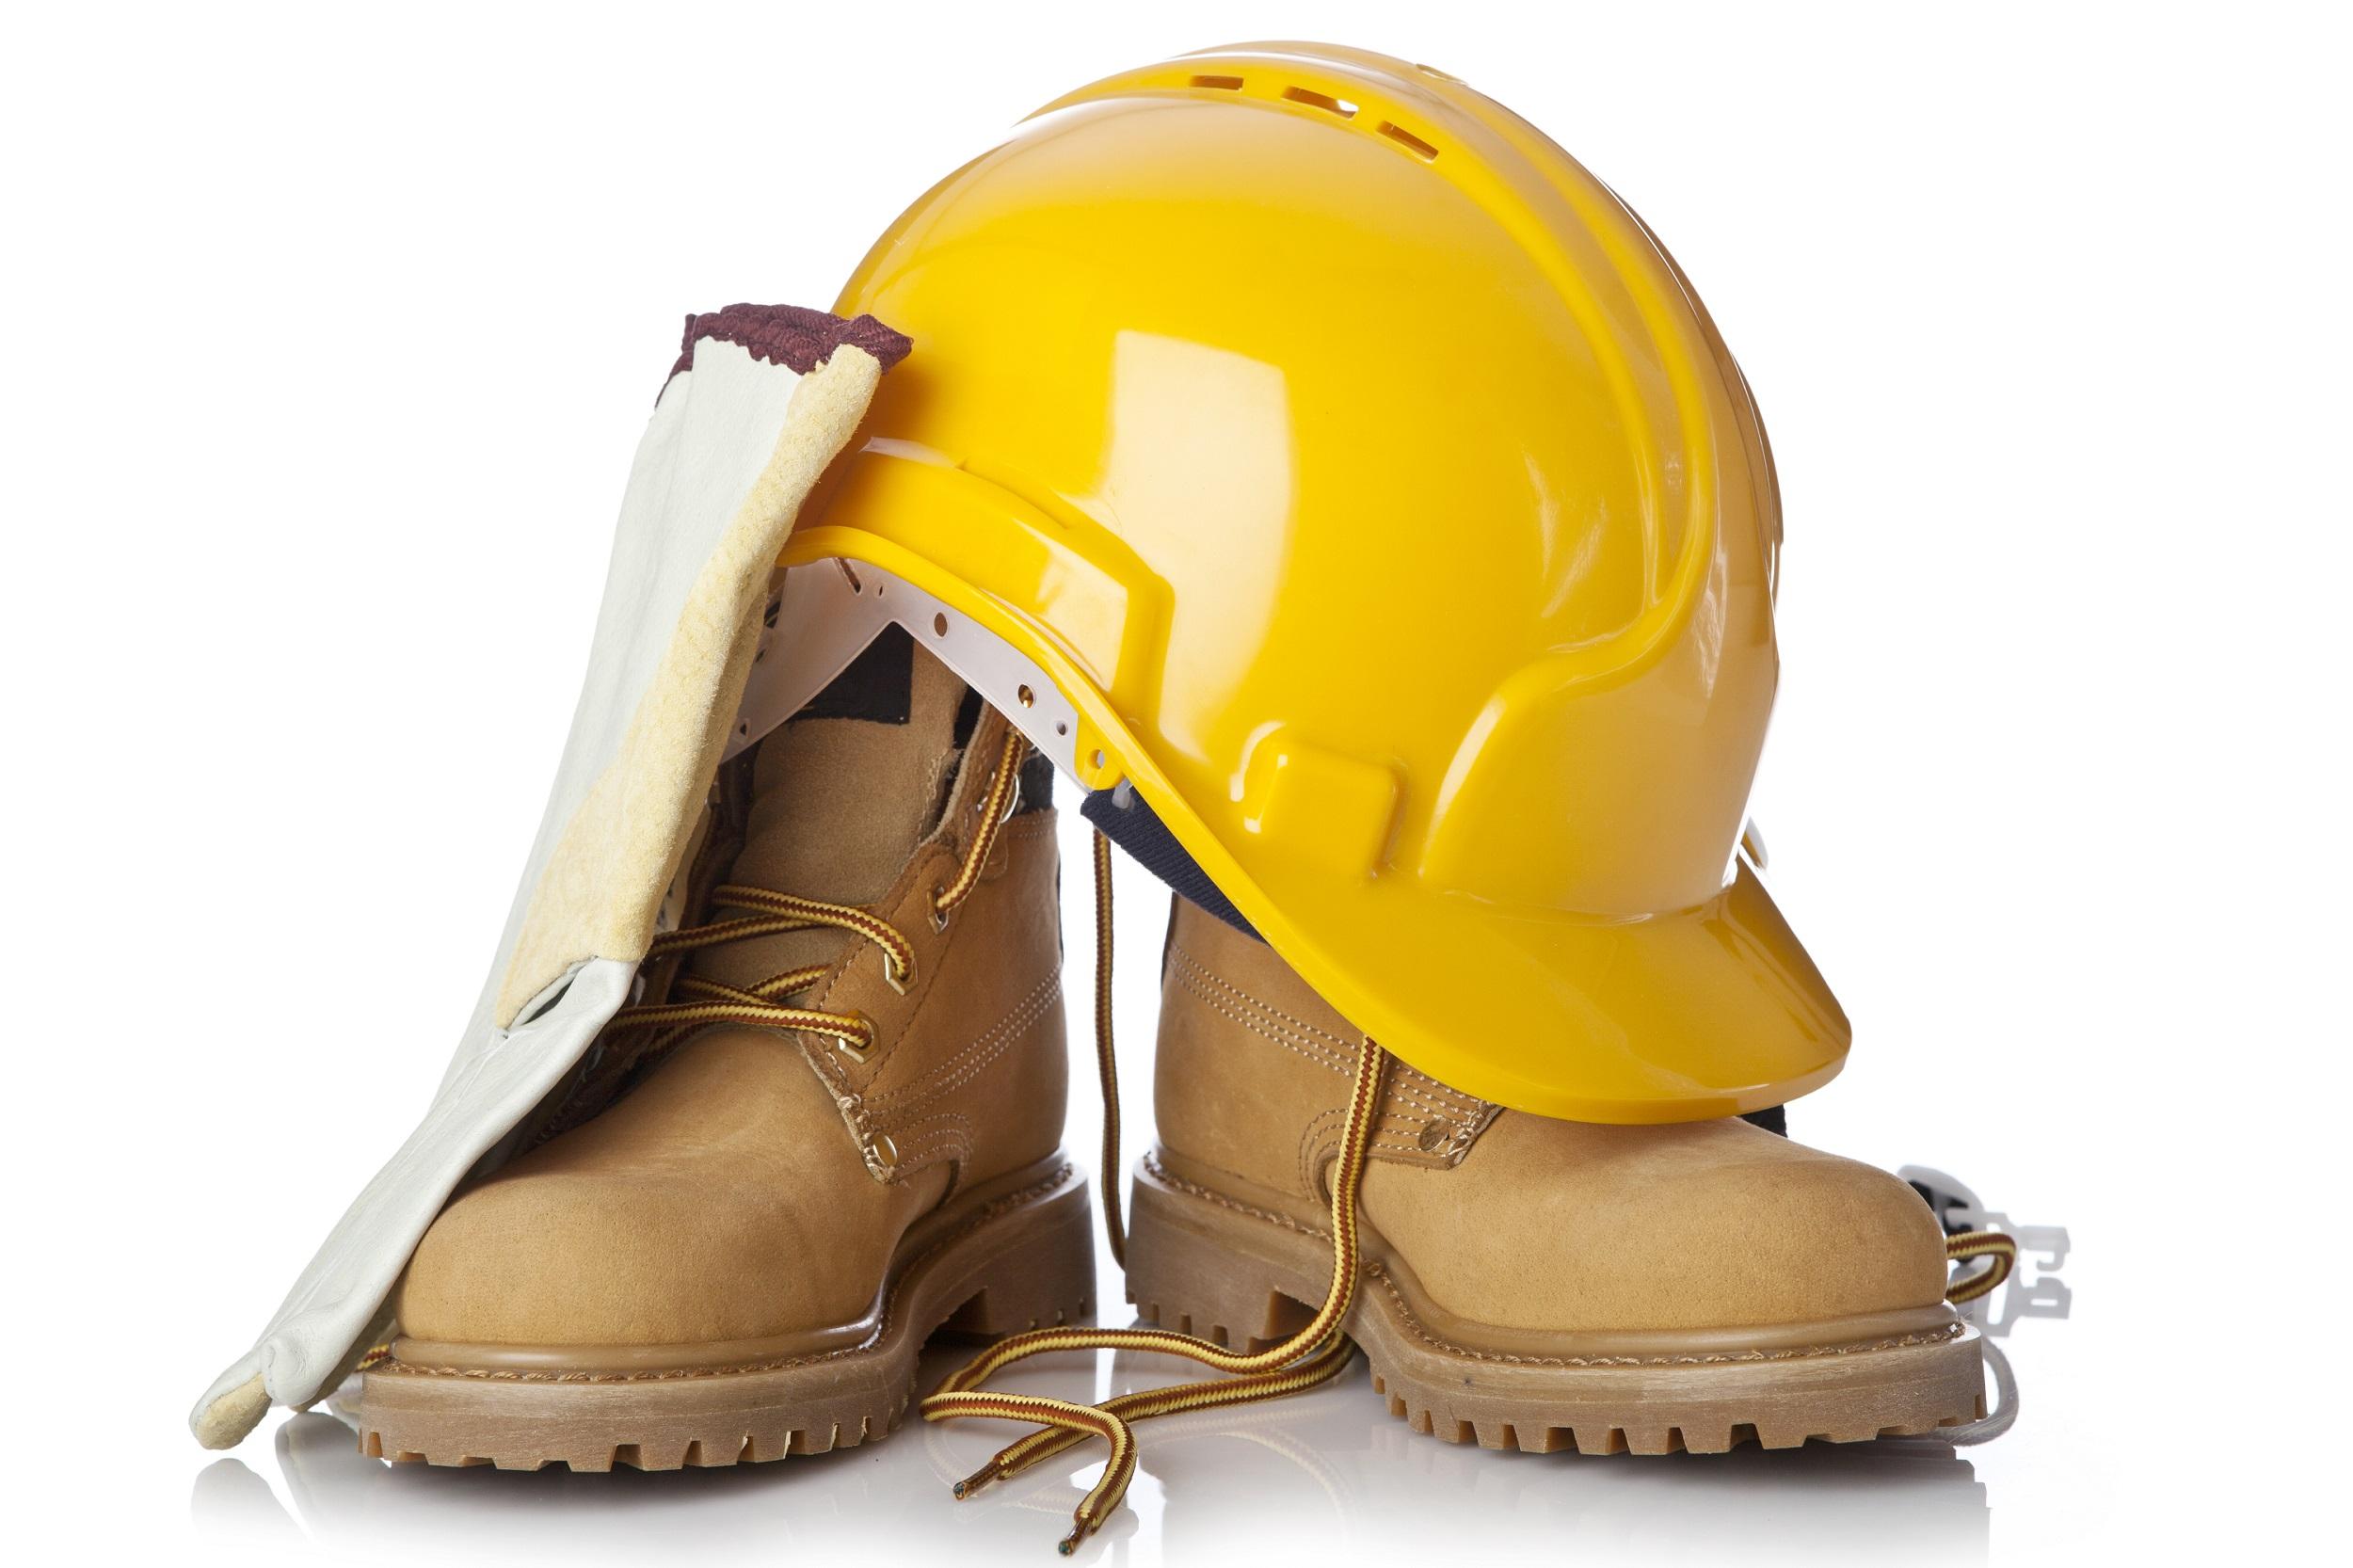 Del 12 al 16 de septiembre se realizará la semana de seguridad <mark>laboral</mark> en Los Ángeles noticias